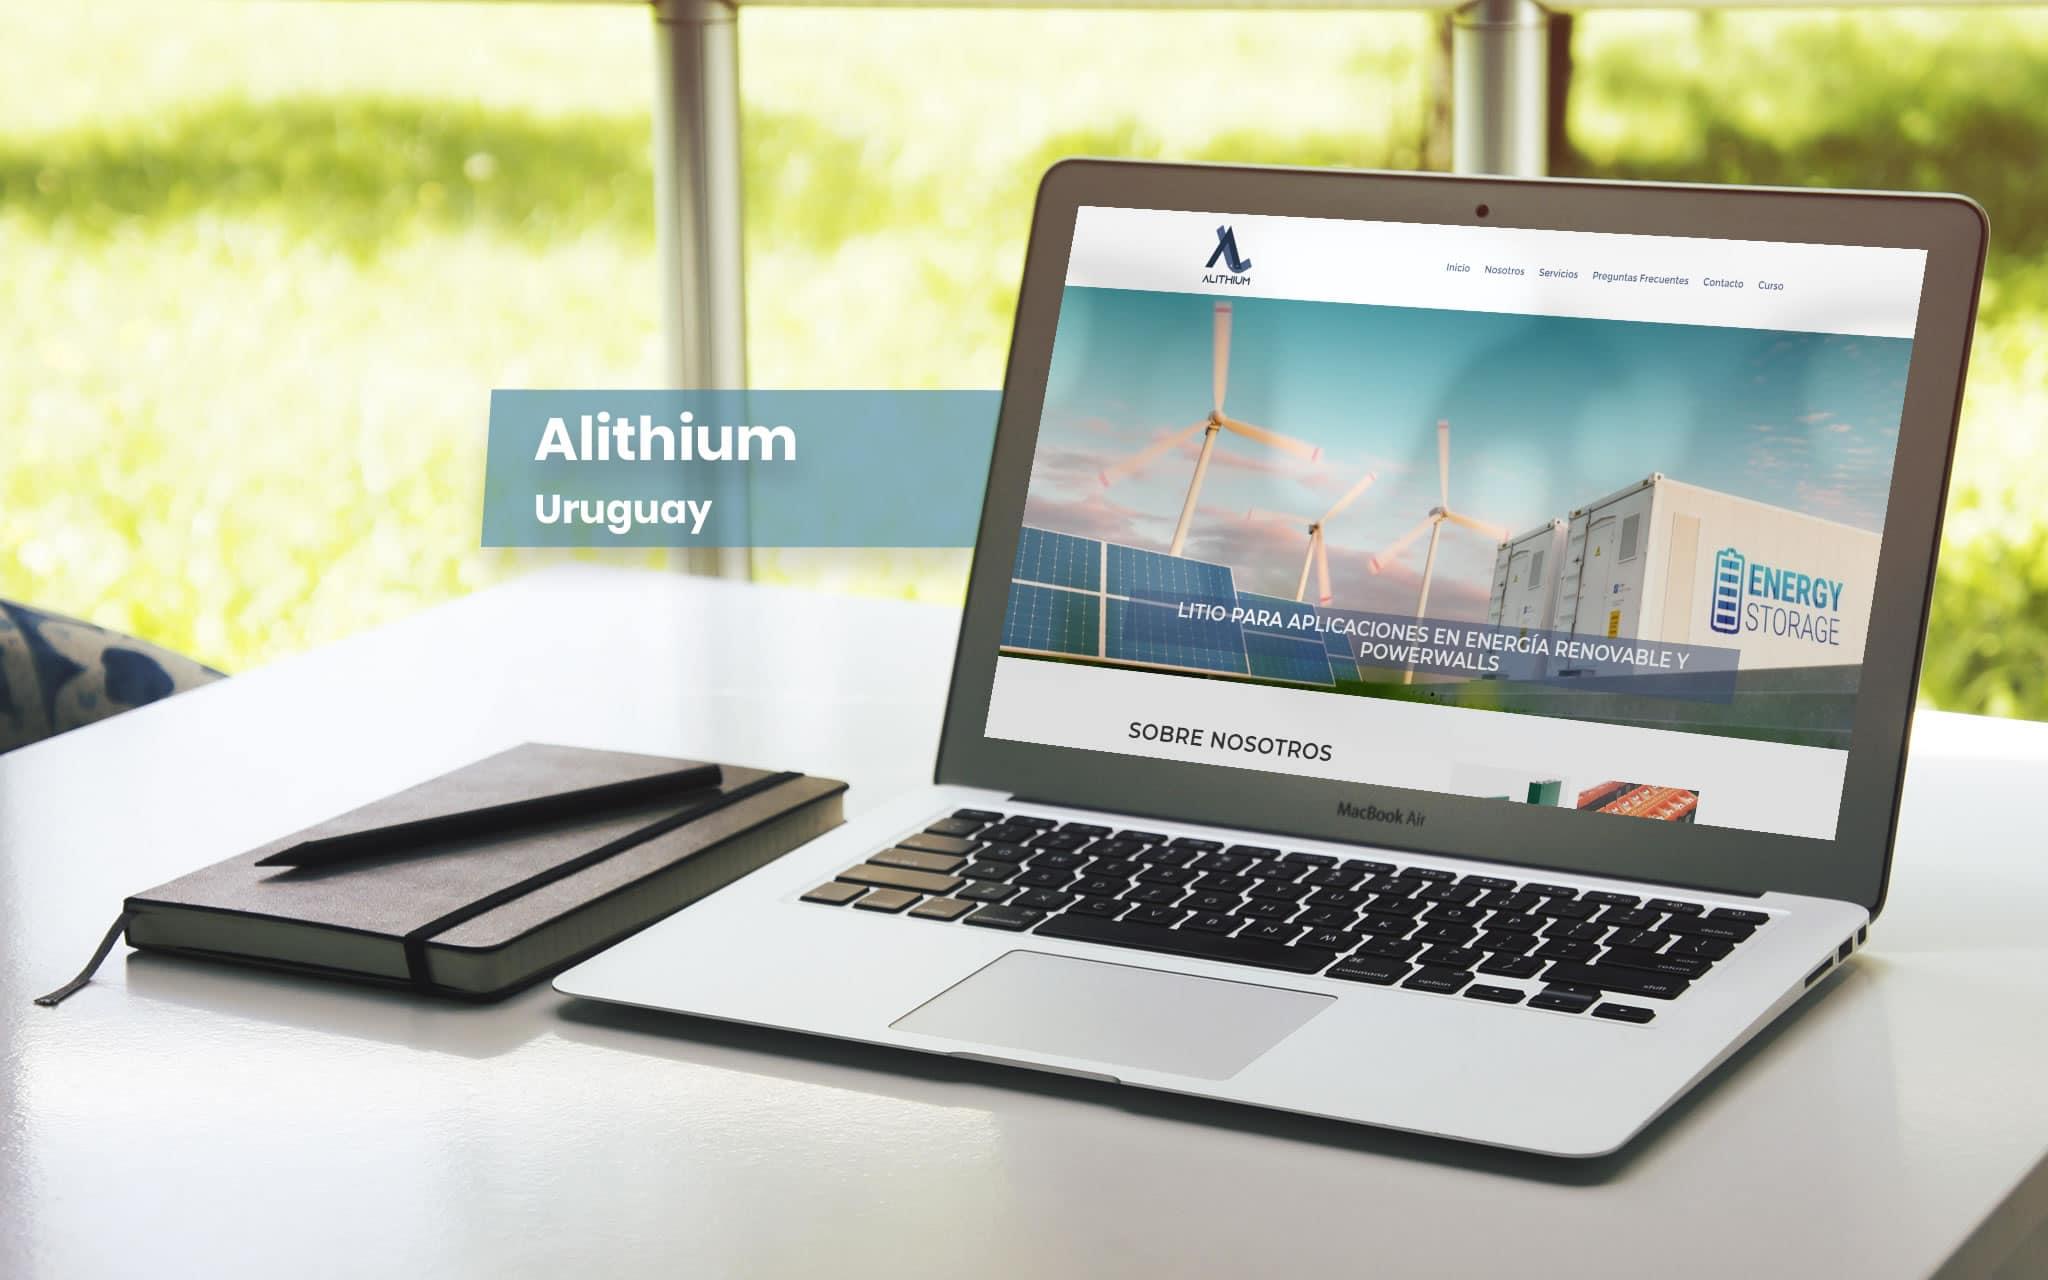 Alithium - Uruguay